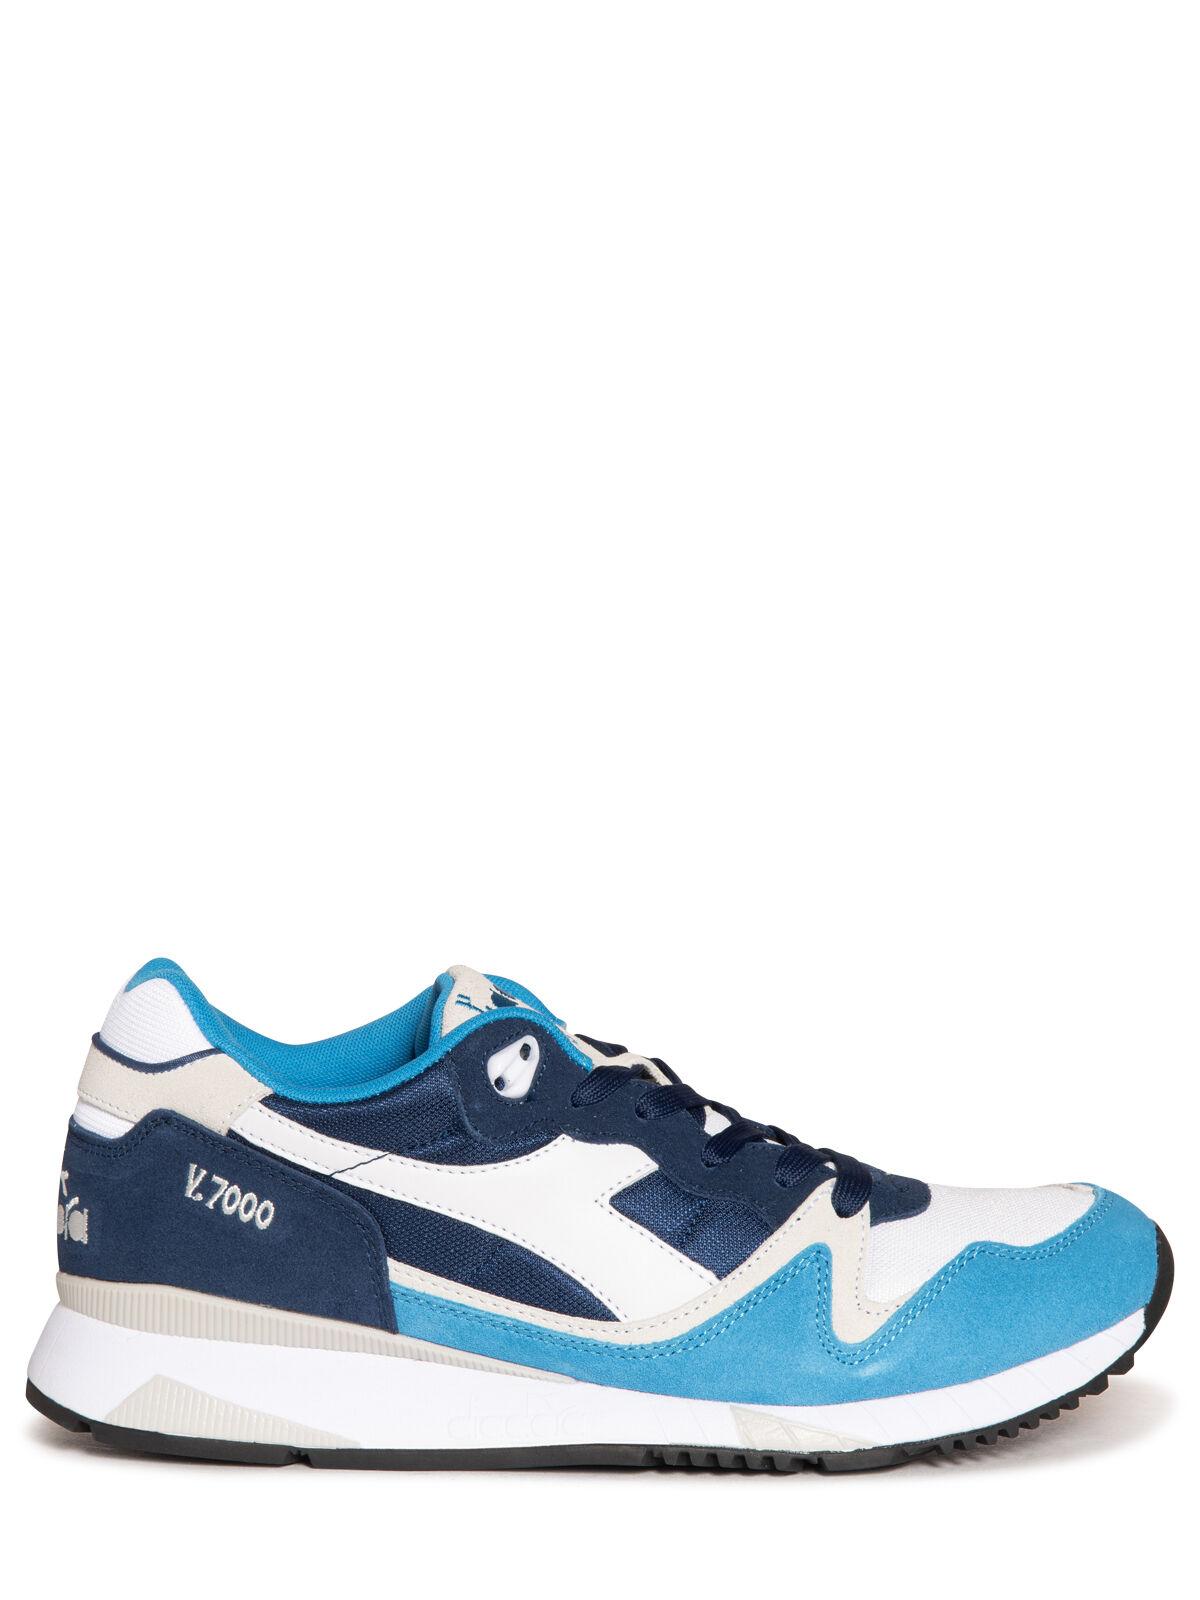 diadora Nyl II Azzurro blau/weiß